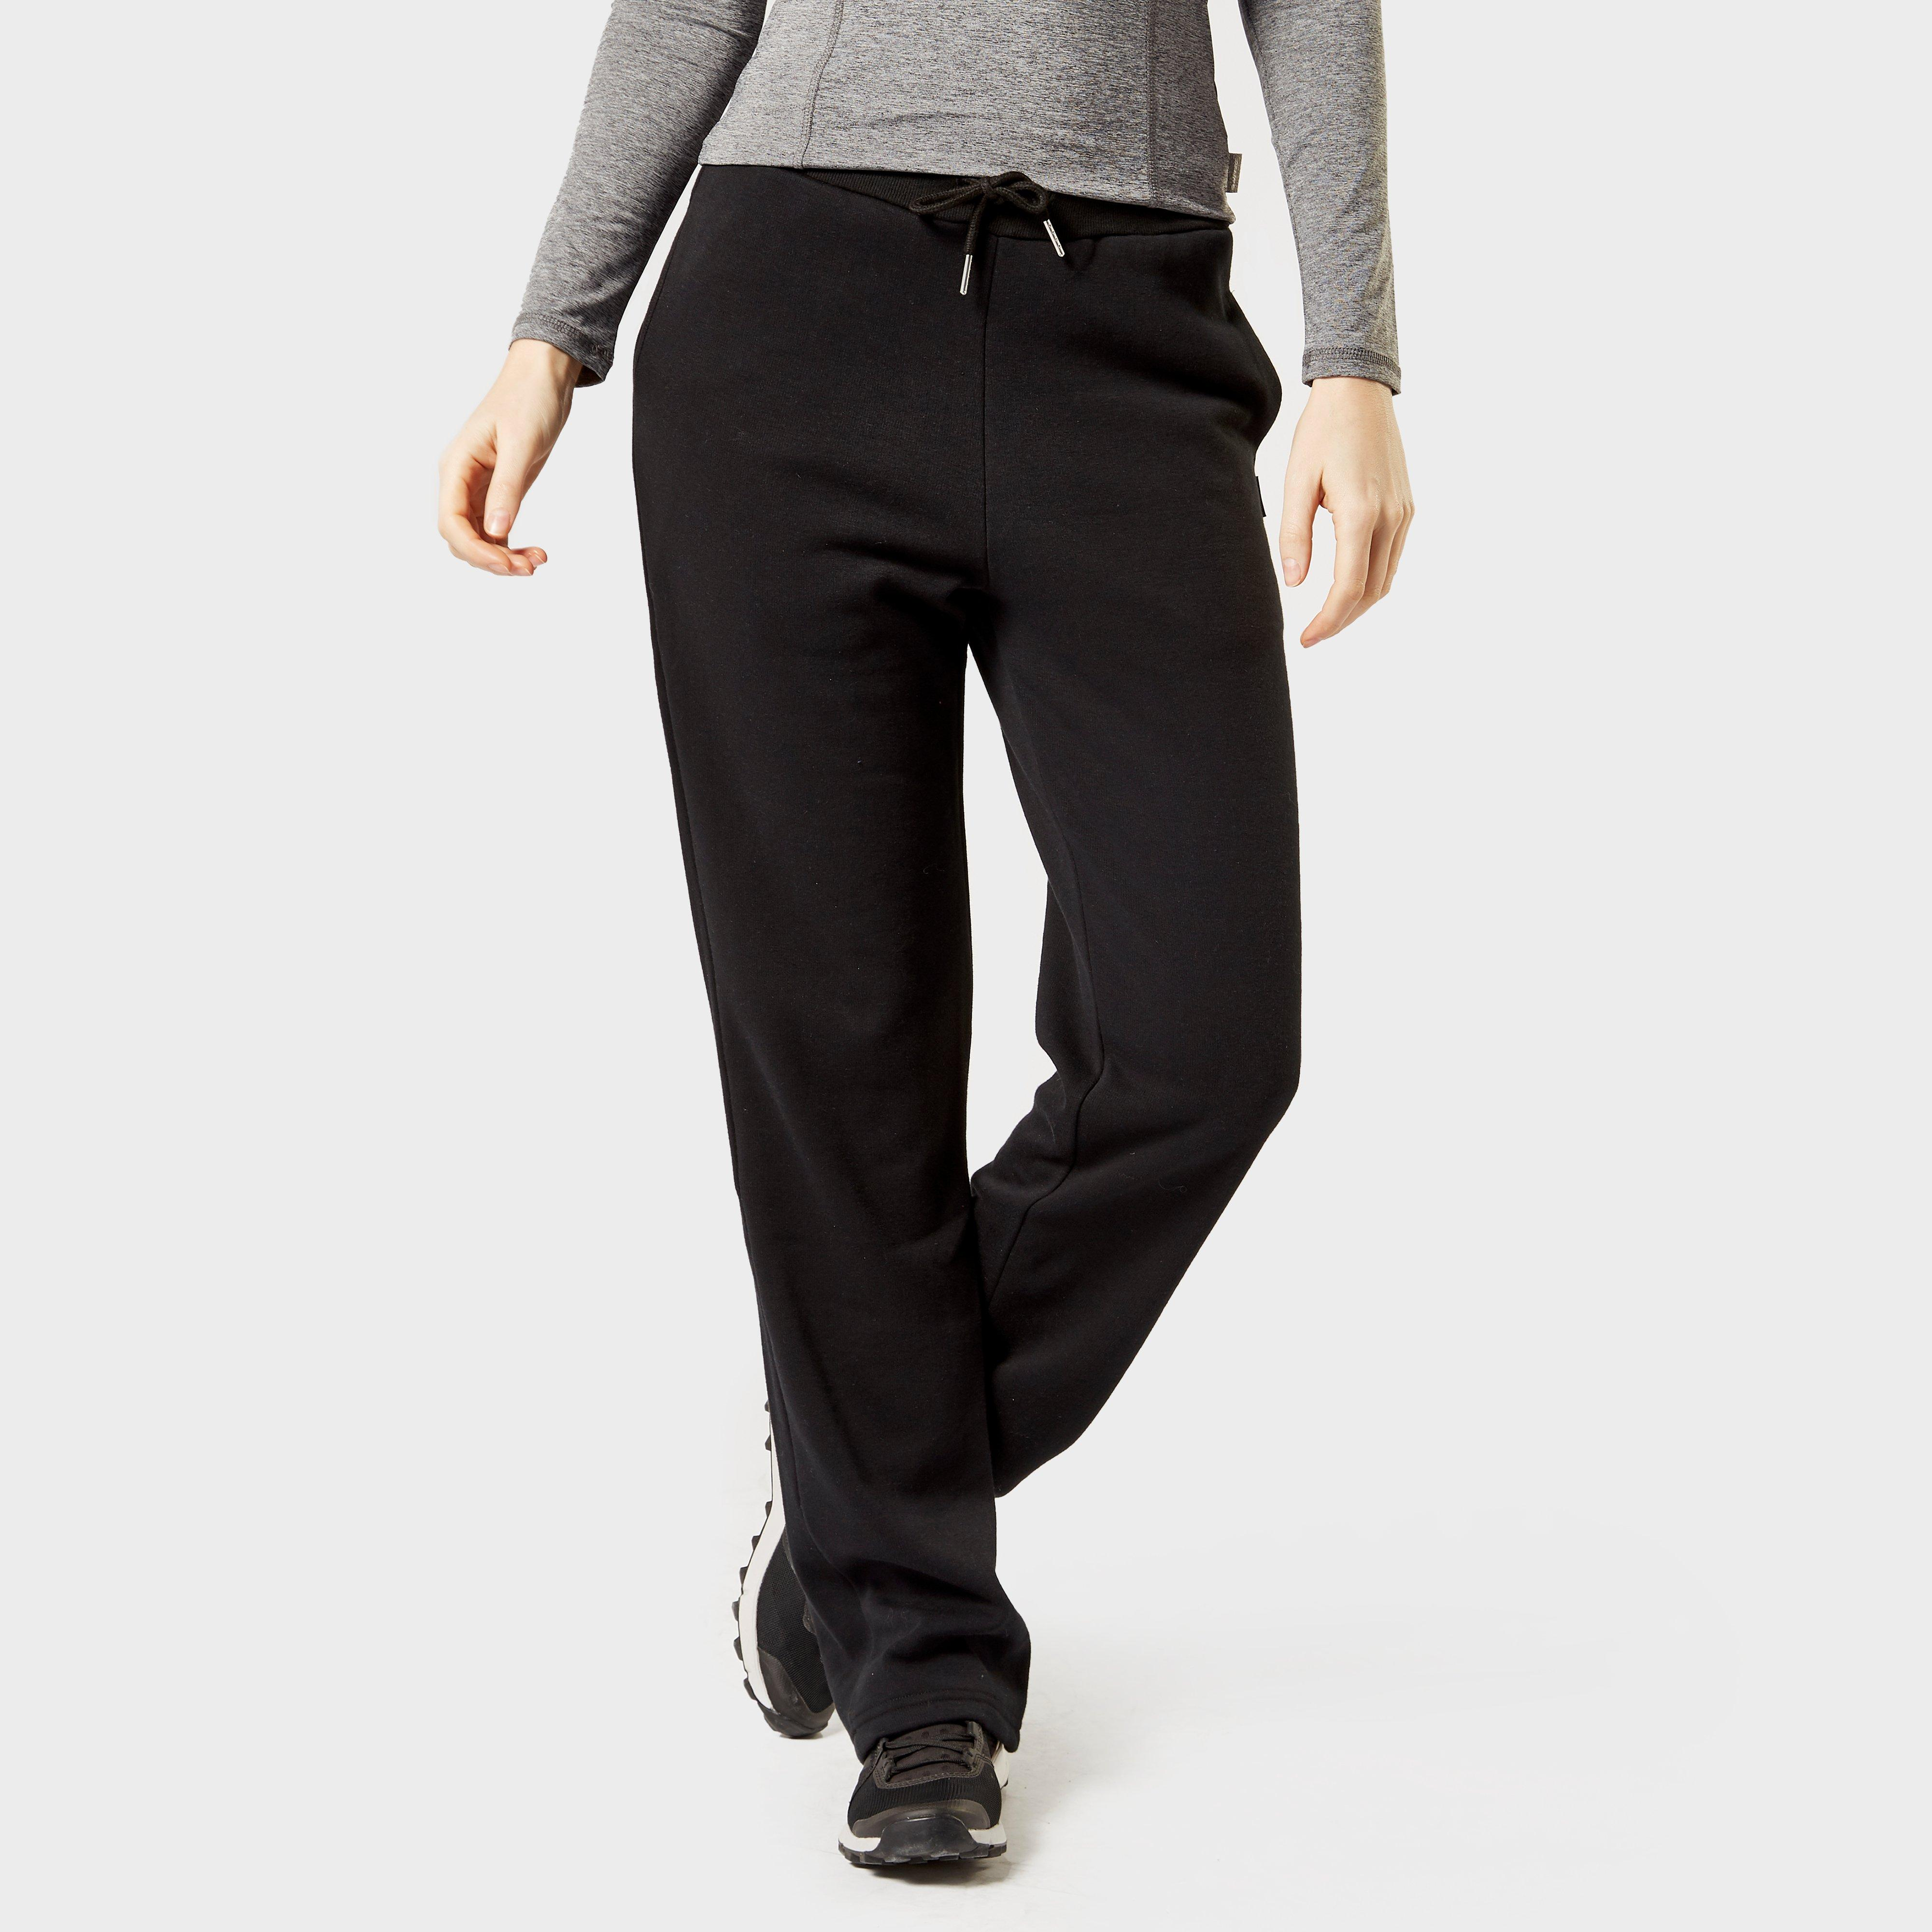 Hi Tec Hi Tec womens Giselle Fleece Pants - Black, Black